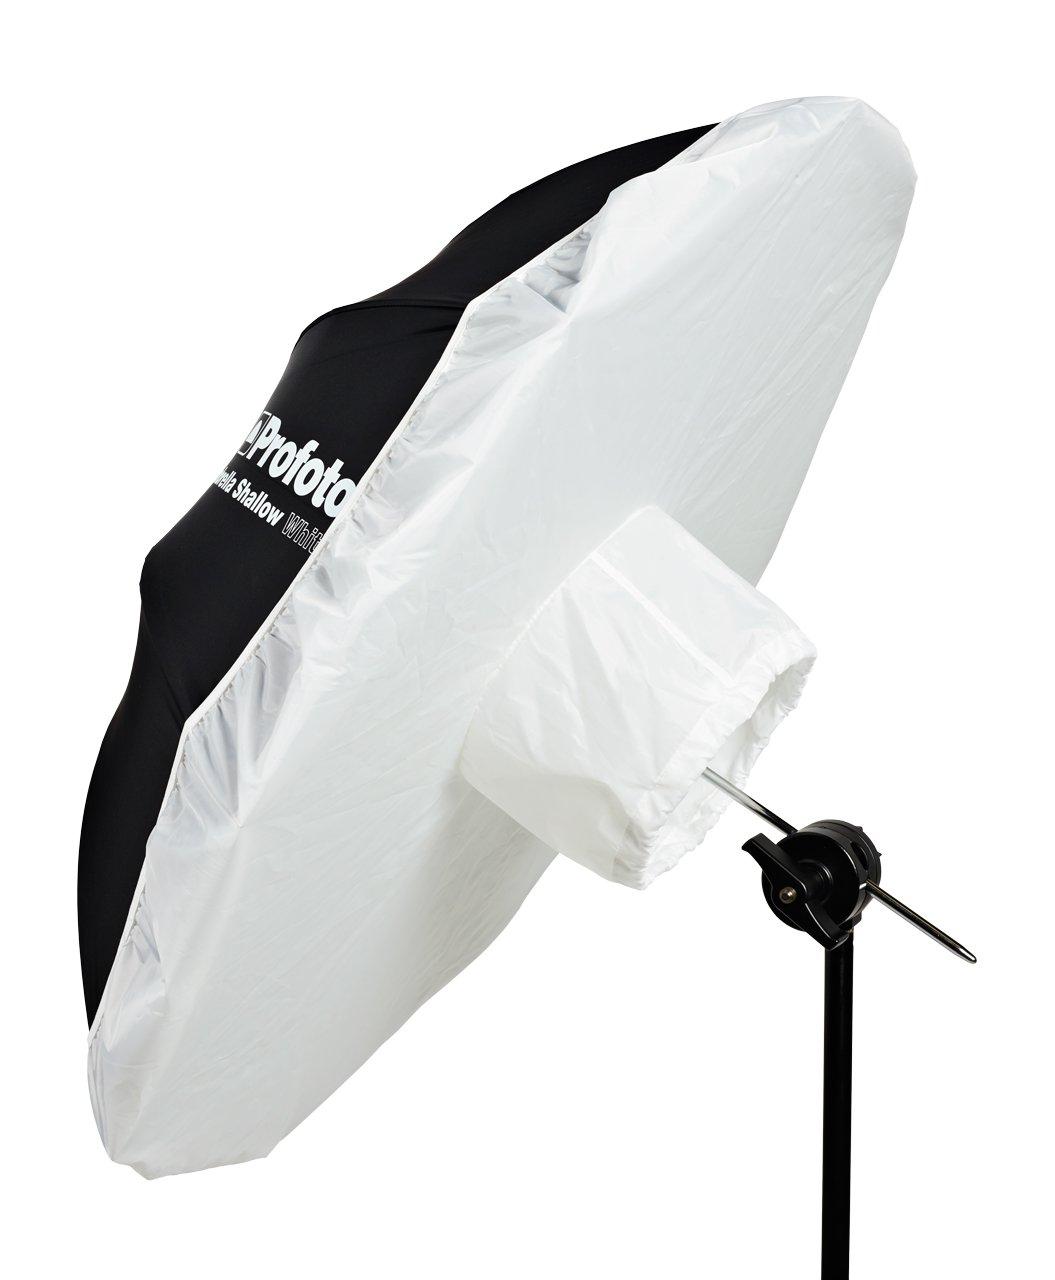 Profoto Umbrella Diffuser (Medium) by Profoto